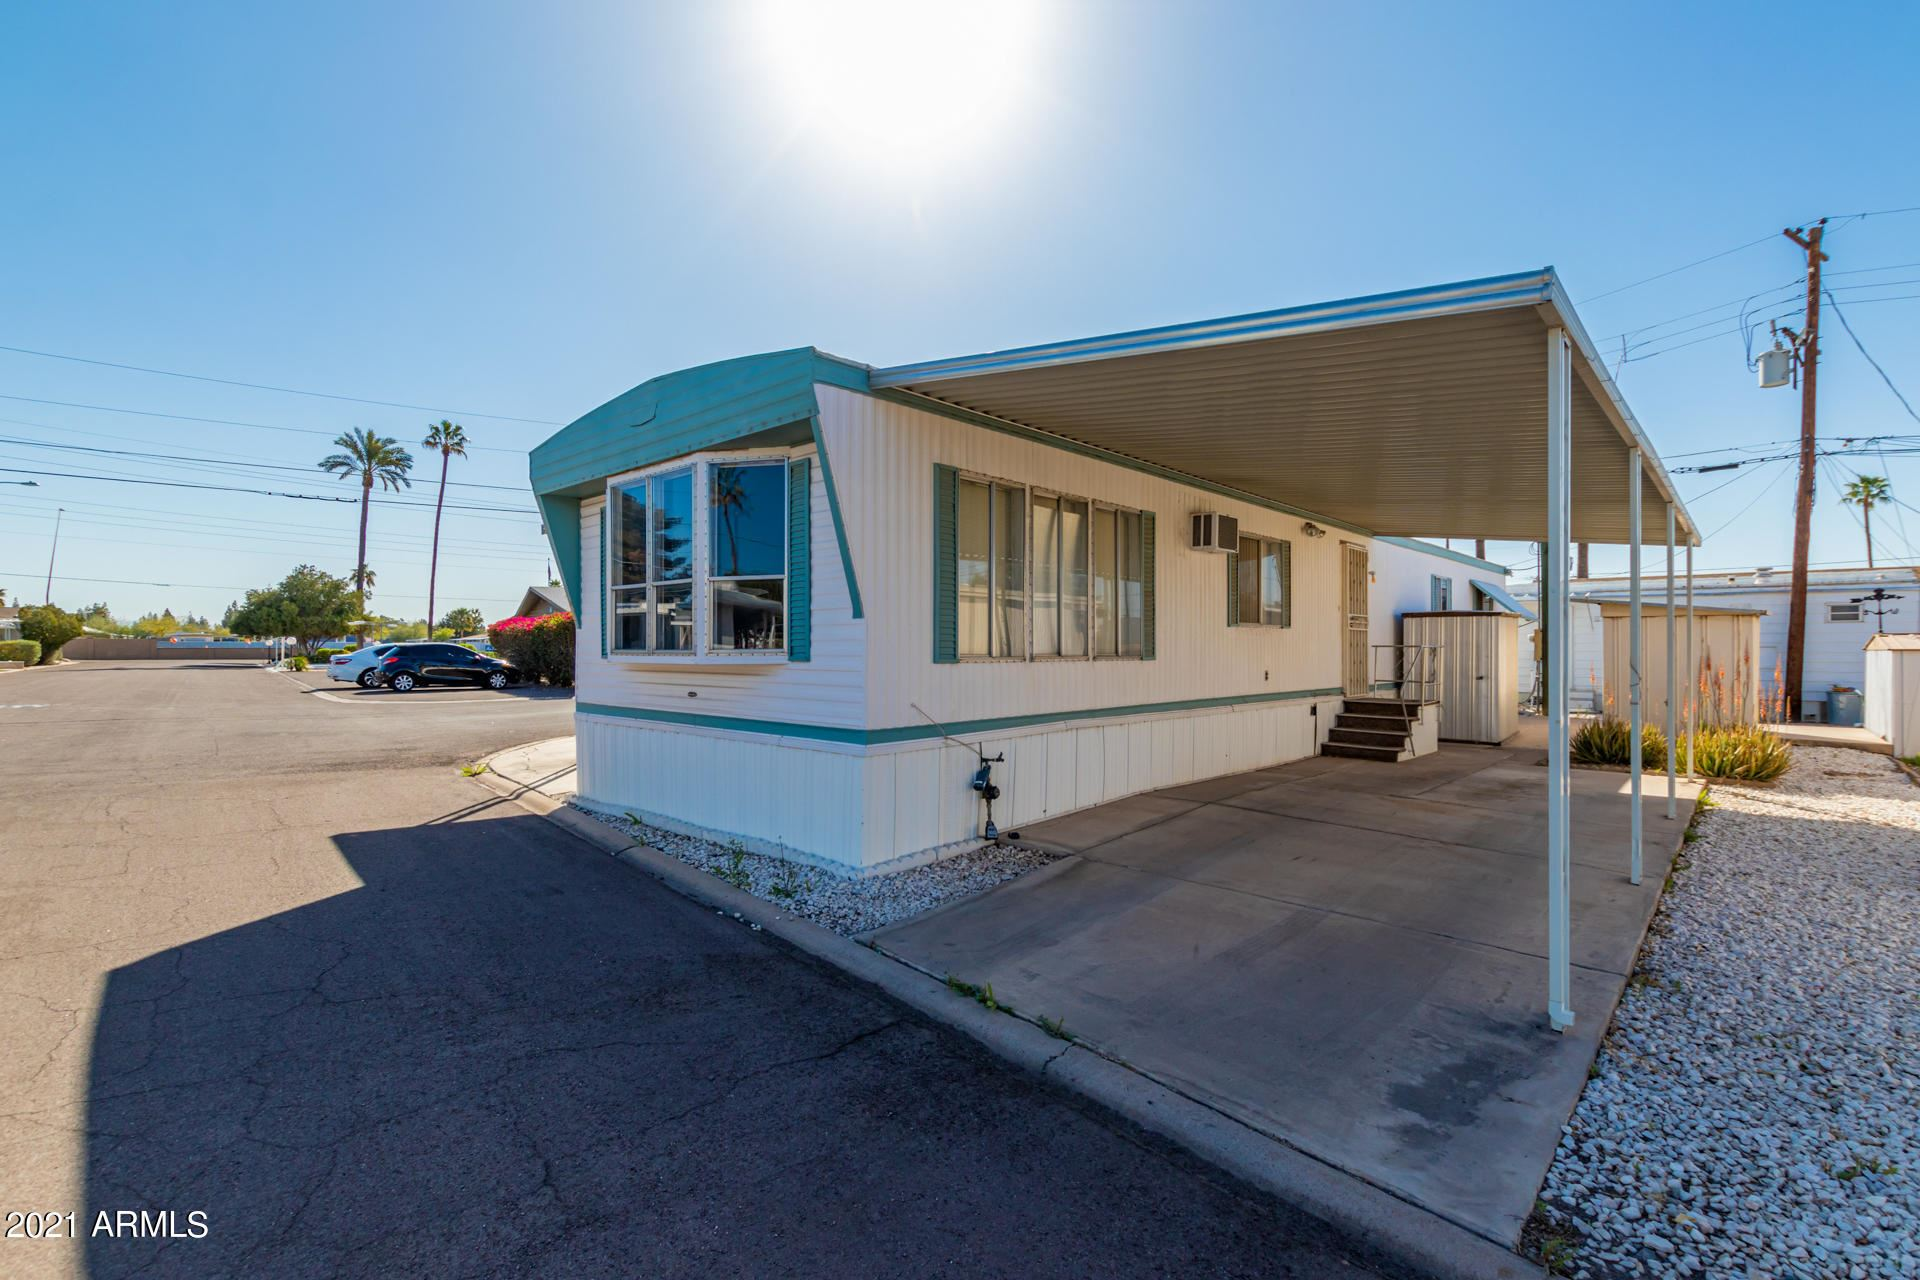 530 S ALMA SCHOOL Road #71, Mesa, AZ 85210 - MLS#: 6204430